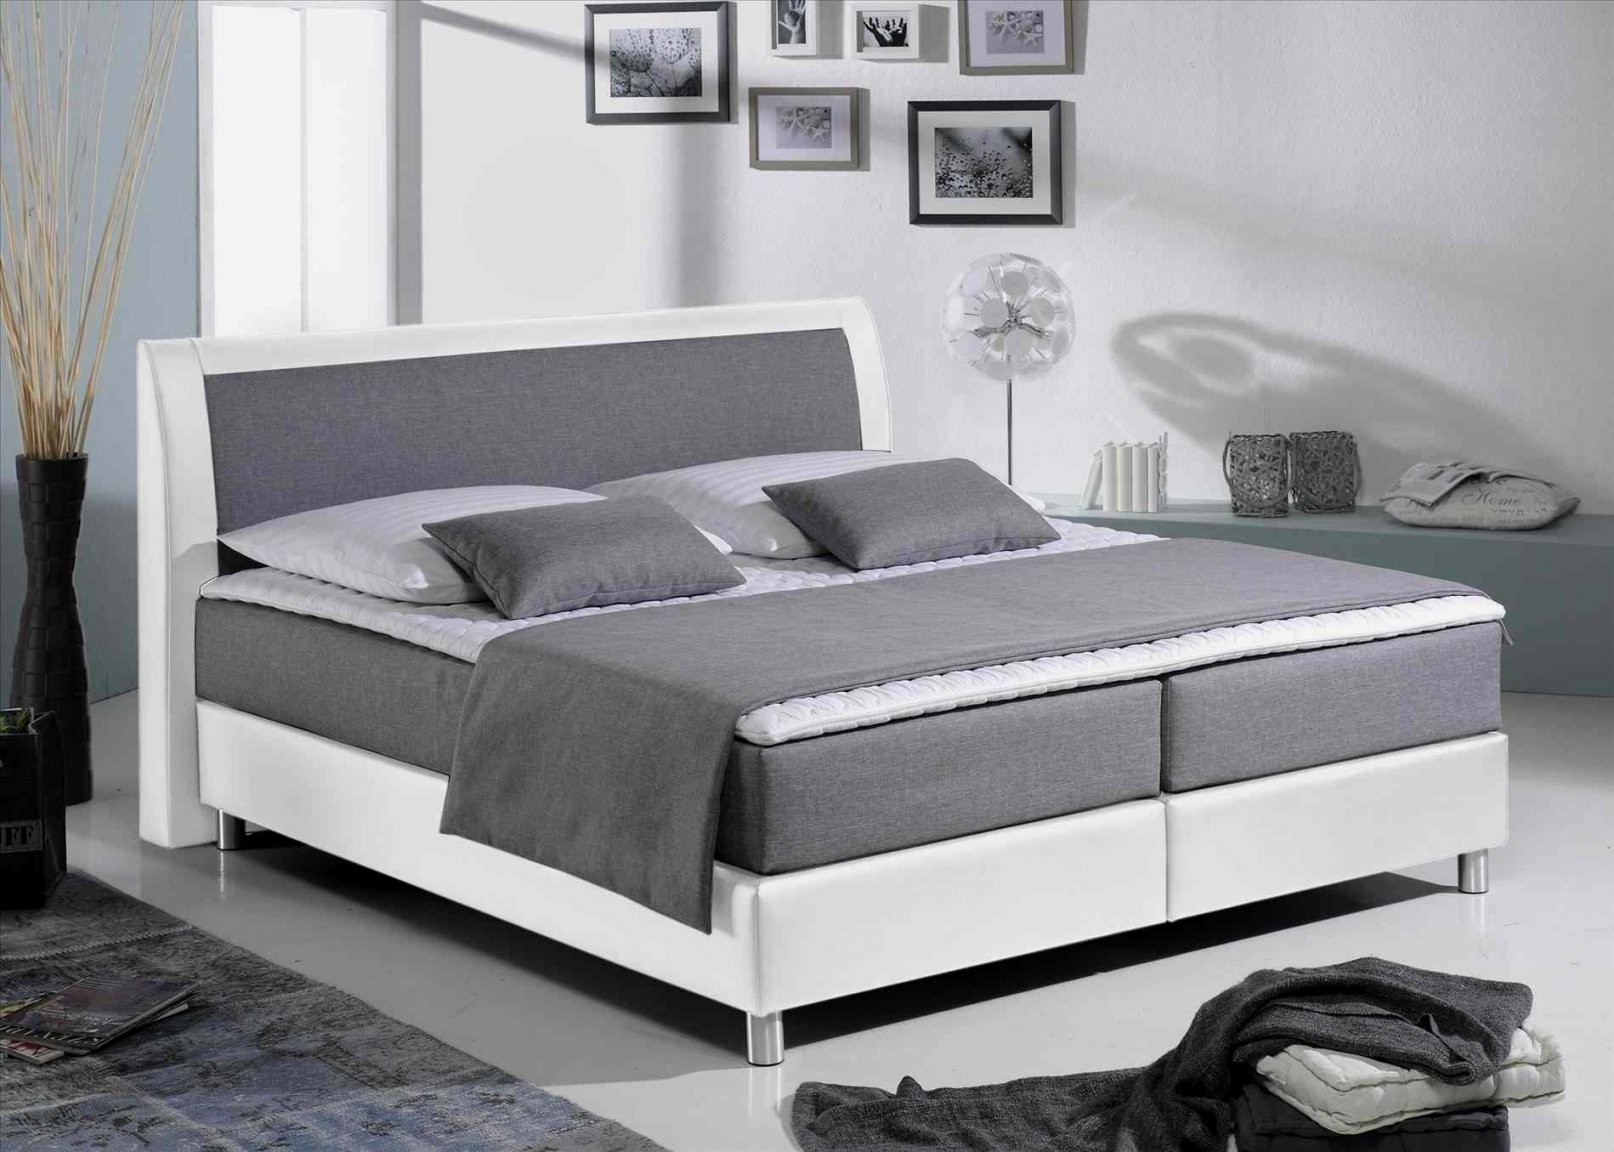 Bett 140×200 Weiß Mit Lattenrost Neu Elegant Matratzen 140—200 von Bett 140X200 Weiß Mit Lattenrost Und Matratze Günstig Bild